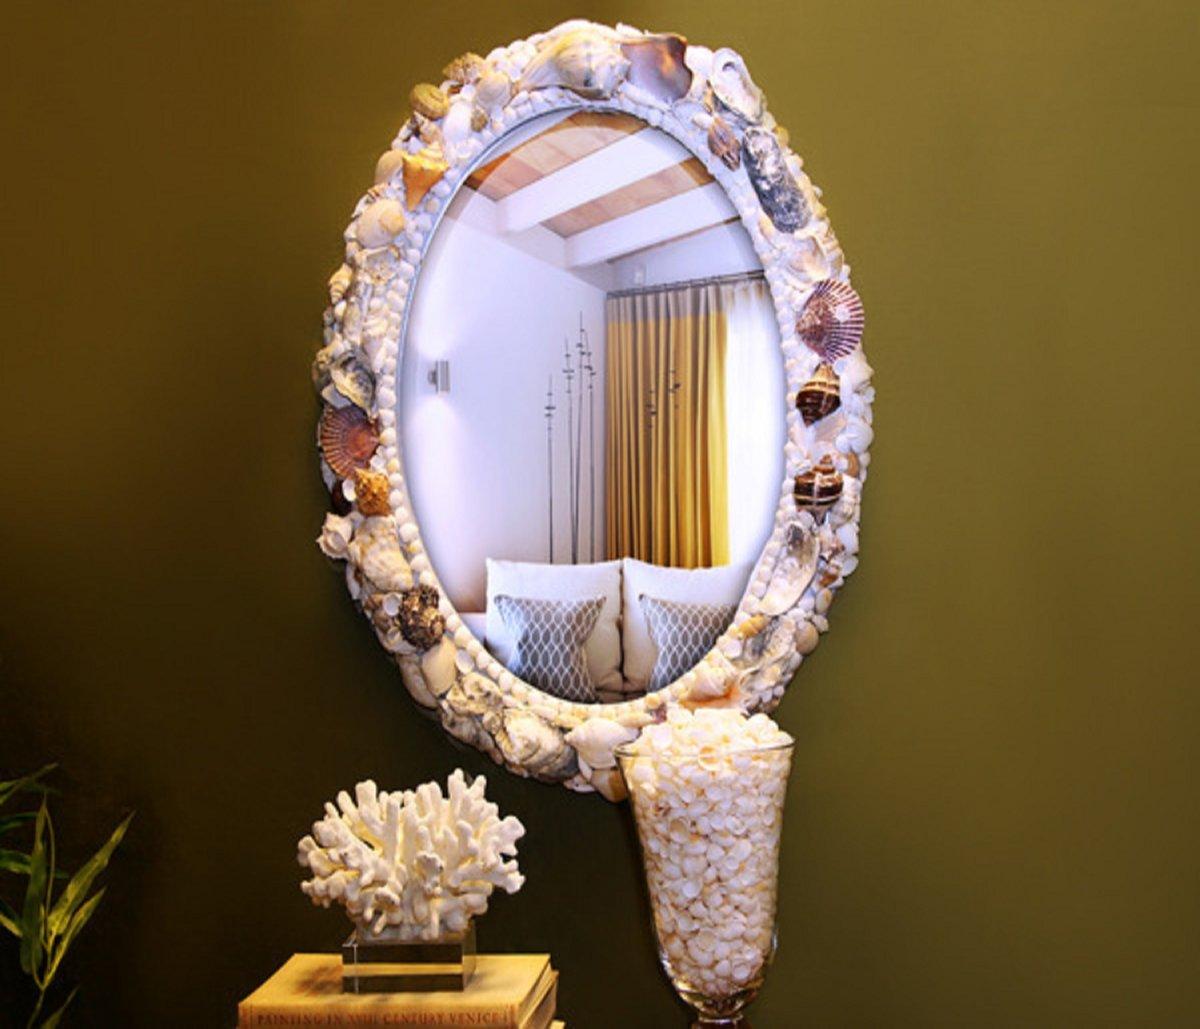 Рама для зеркала своими руками: уникальная отделка при минимальных вложениях